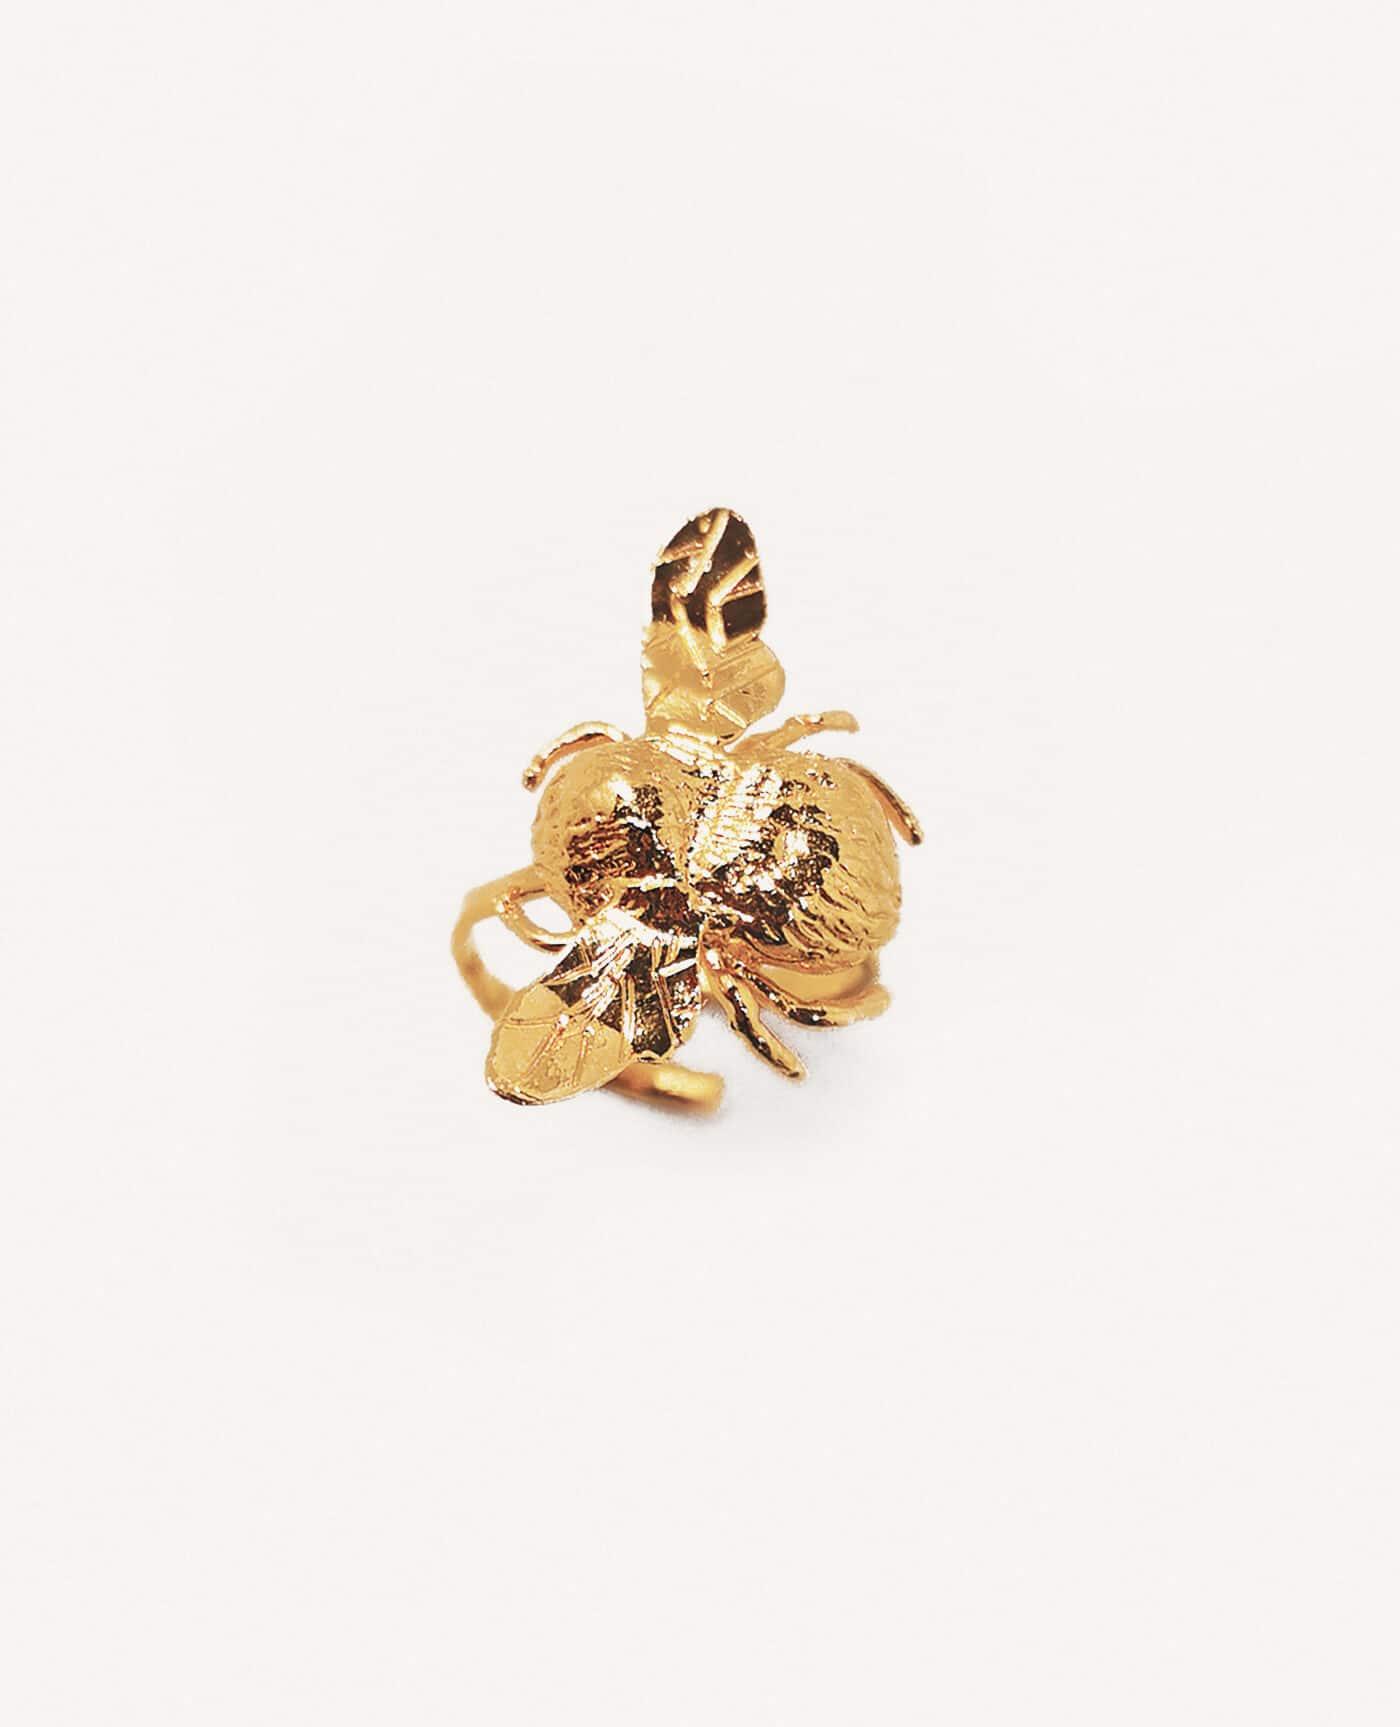 Bague abeille cela de la marque Elise Tsikis